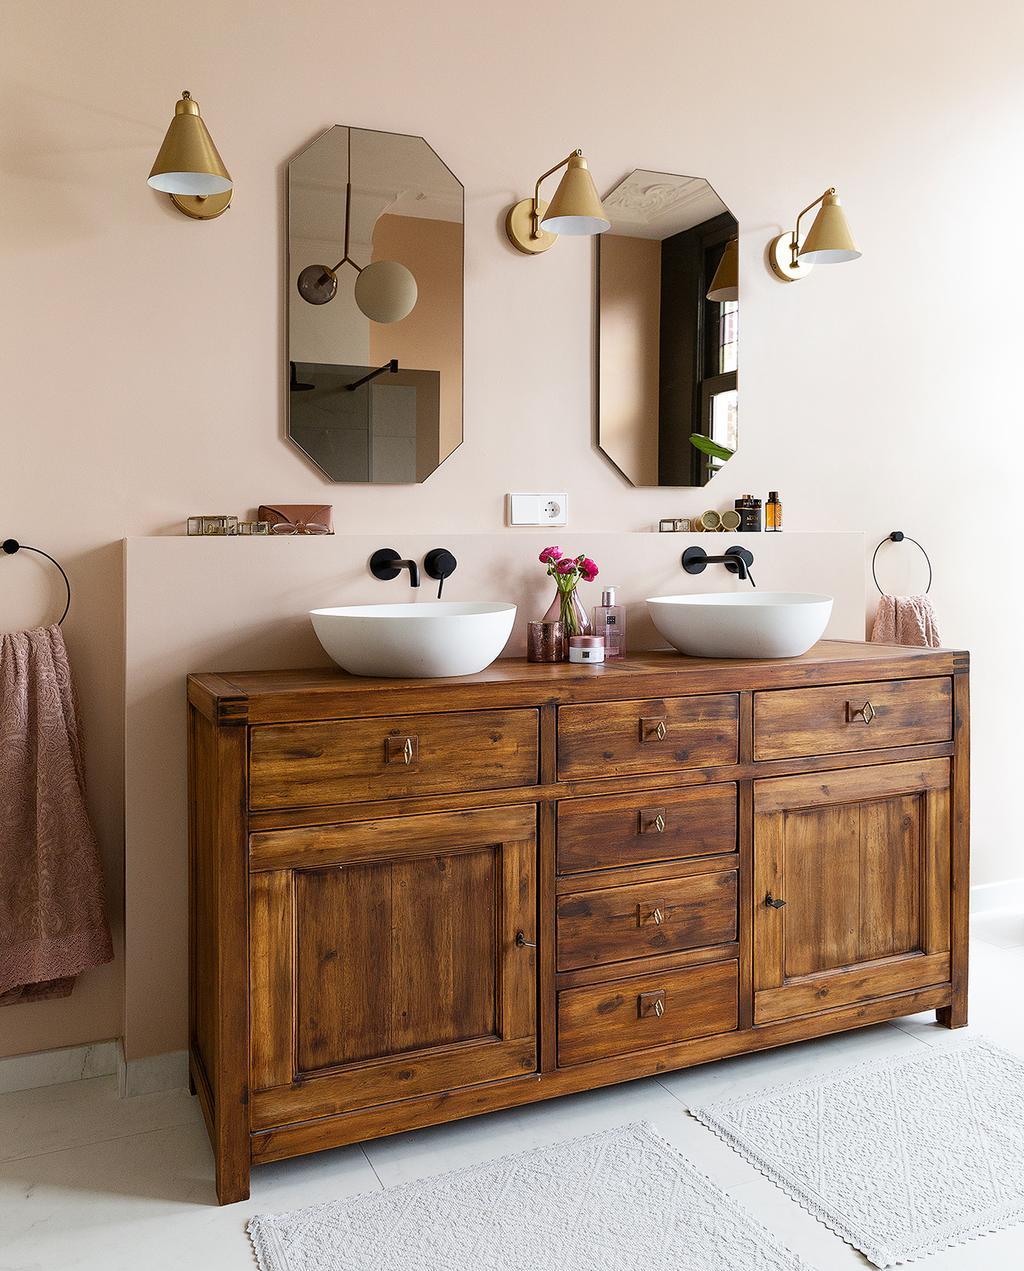 vtwonen 04-2020 | hout badkamer meubel met goede lampen